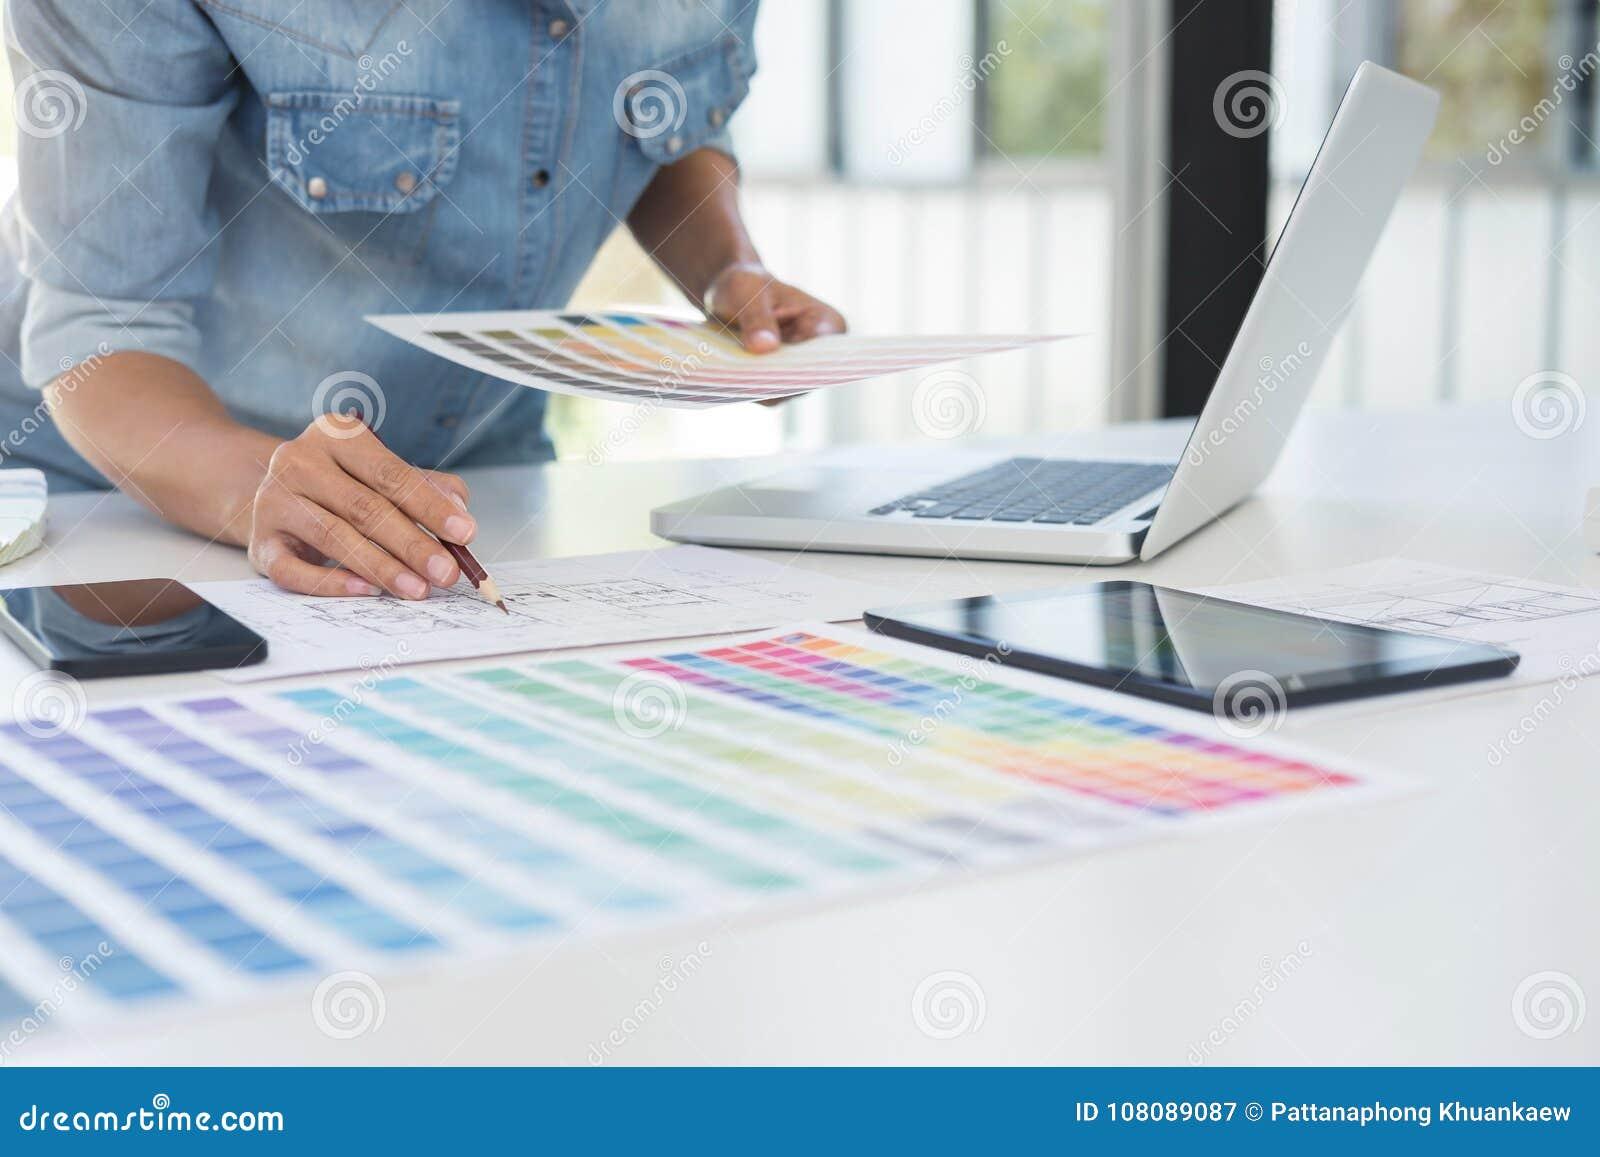 Colora amostras, carta de cor, amostra da amostra de folha, bei do designer gráfico